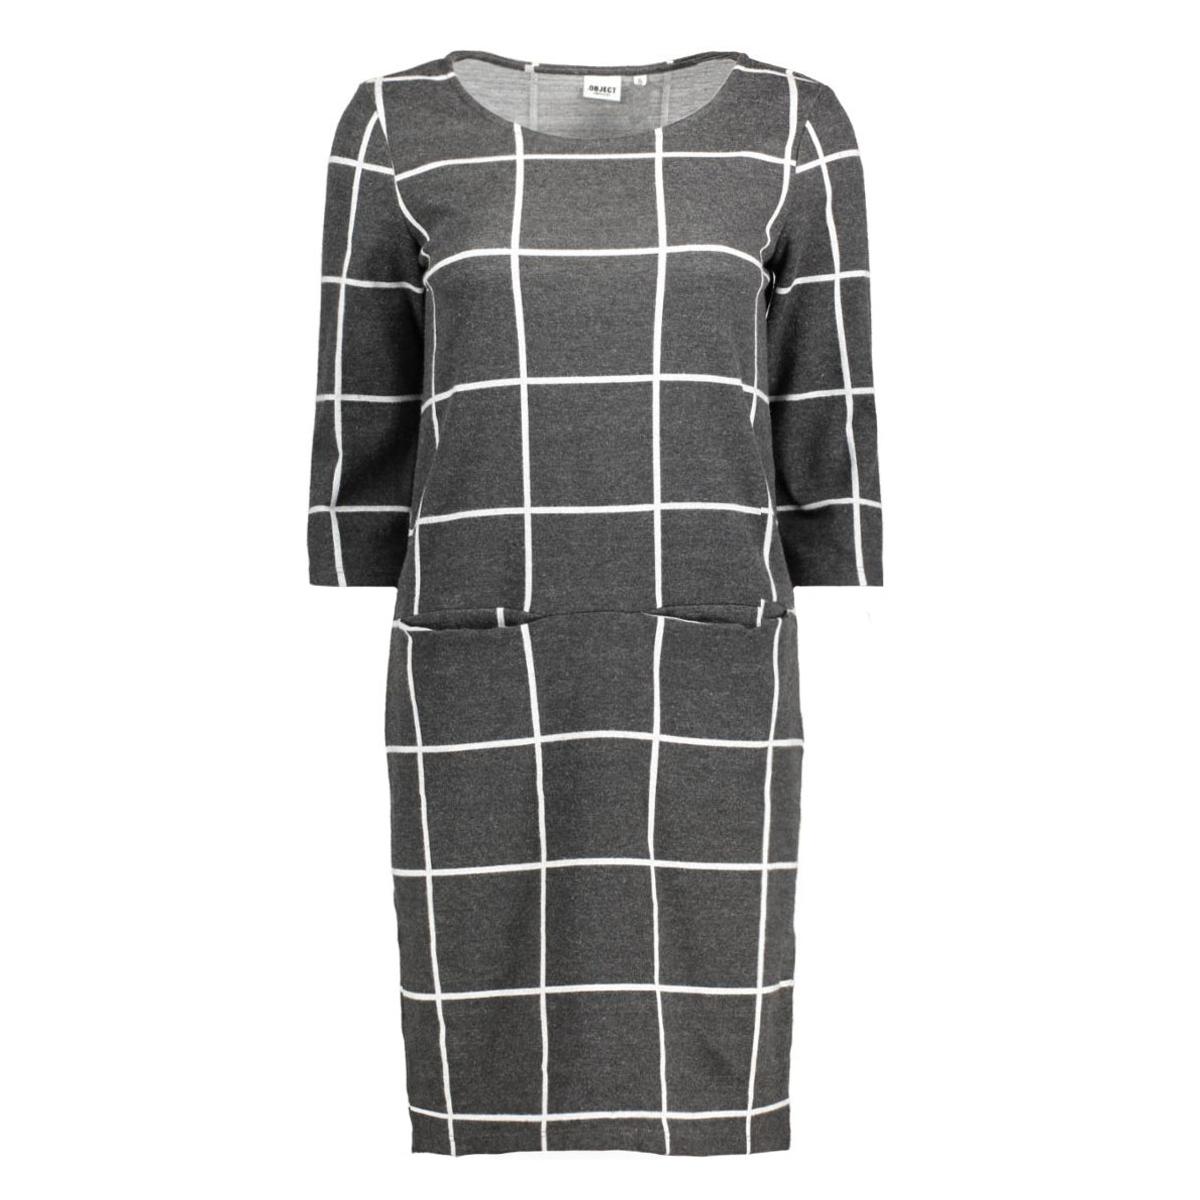 objmaxine bell dress 87 div 23023063 object jurk dark grey melange